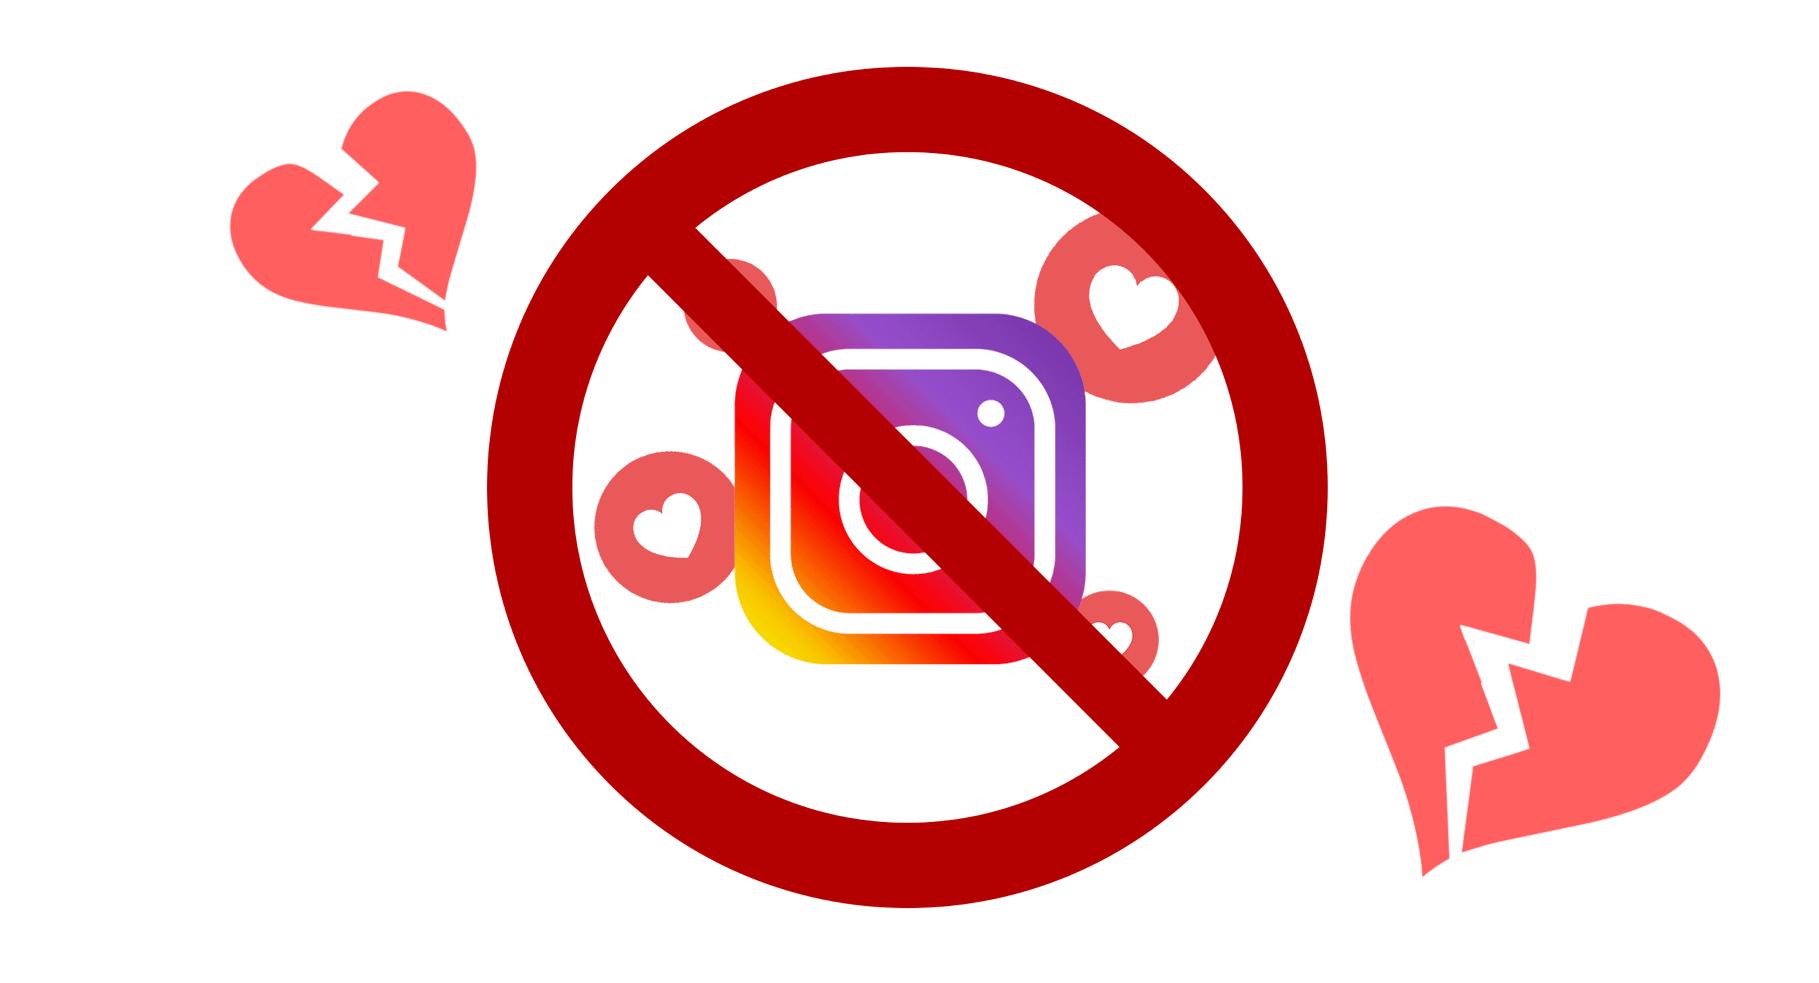 جوانب منفی حذف لایک های اینستاگرام